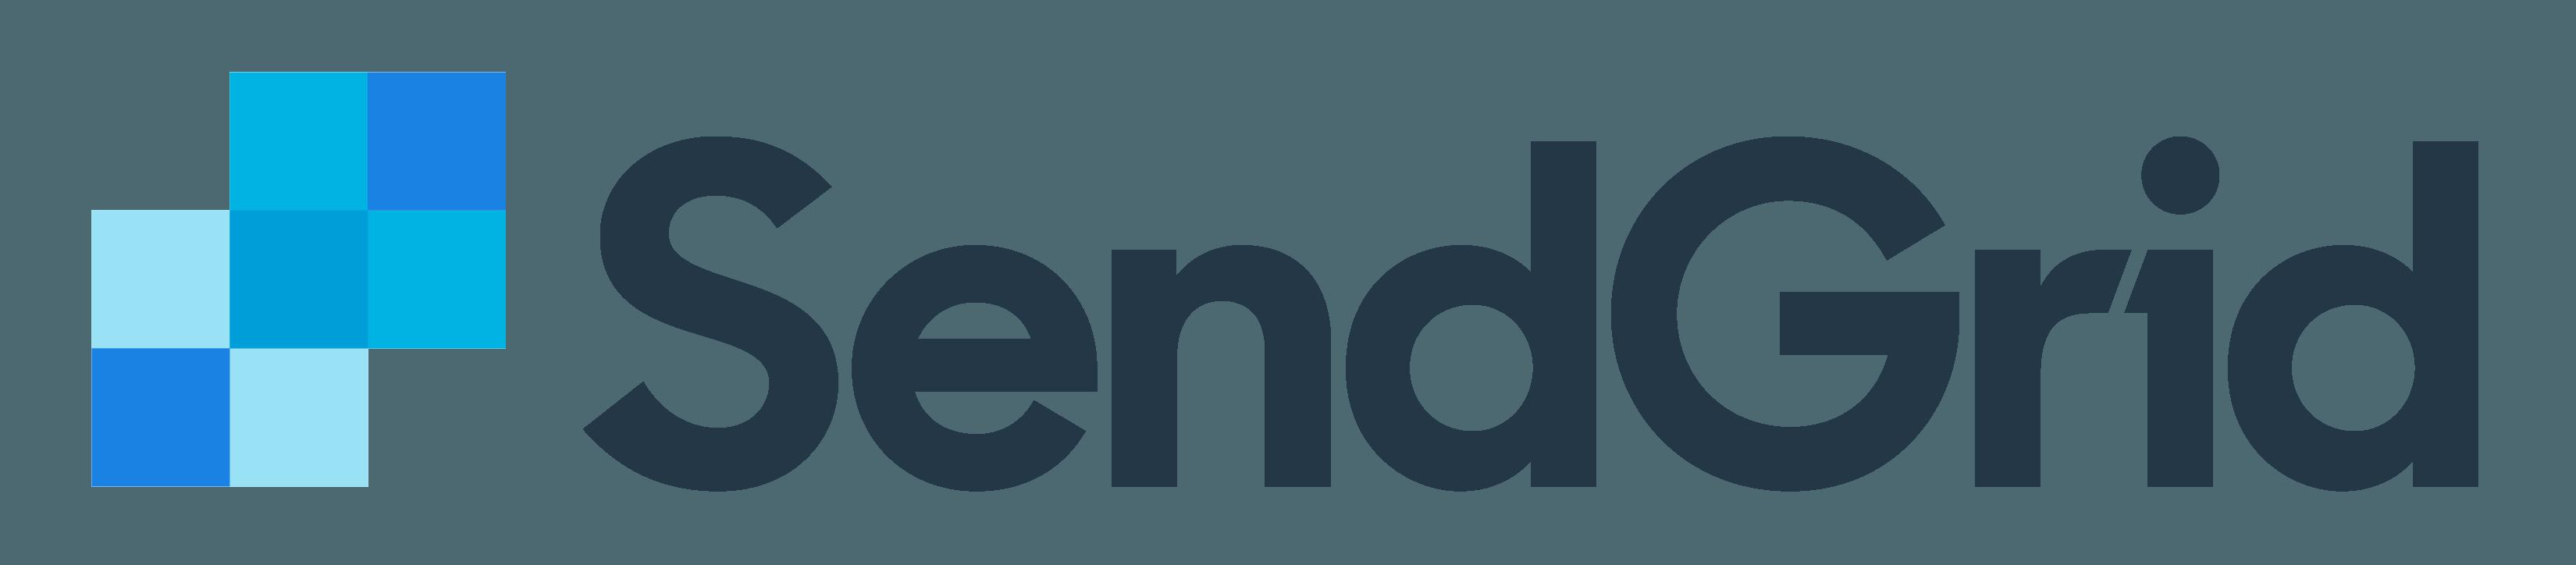 sendgrid-logo